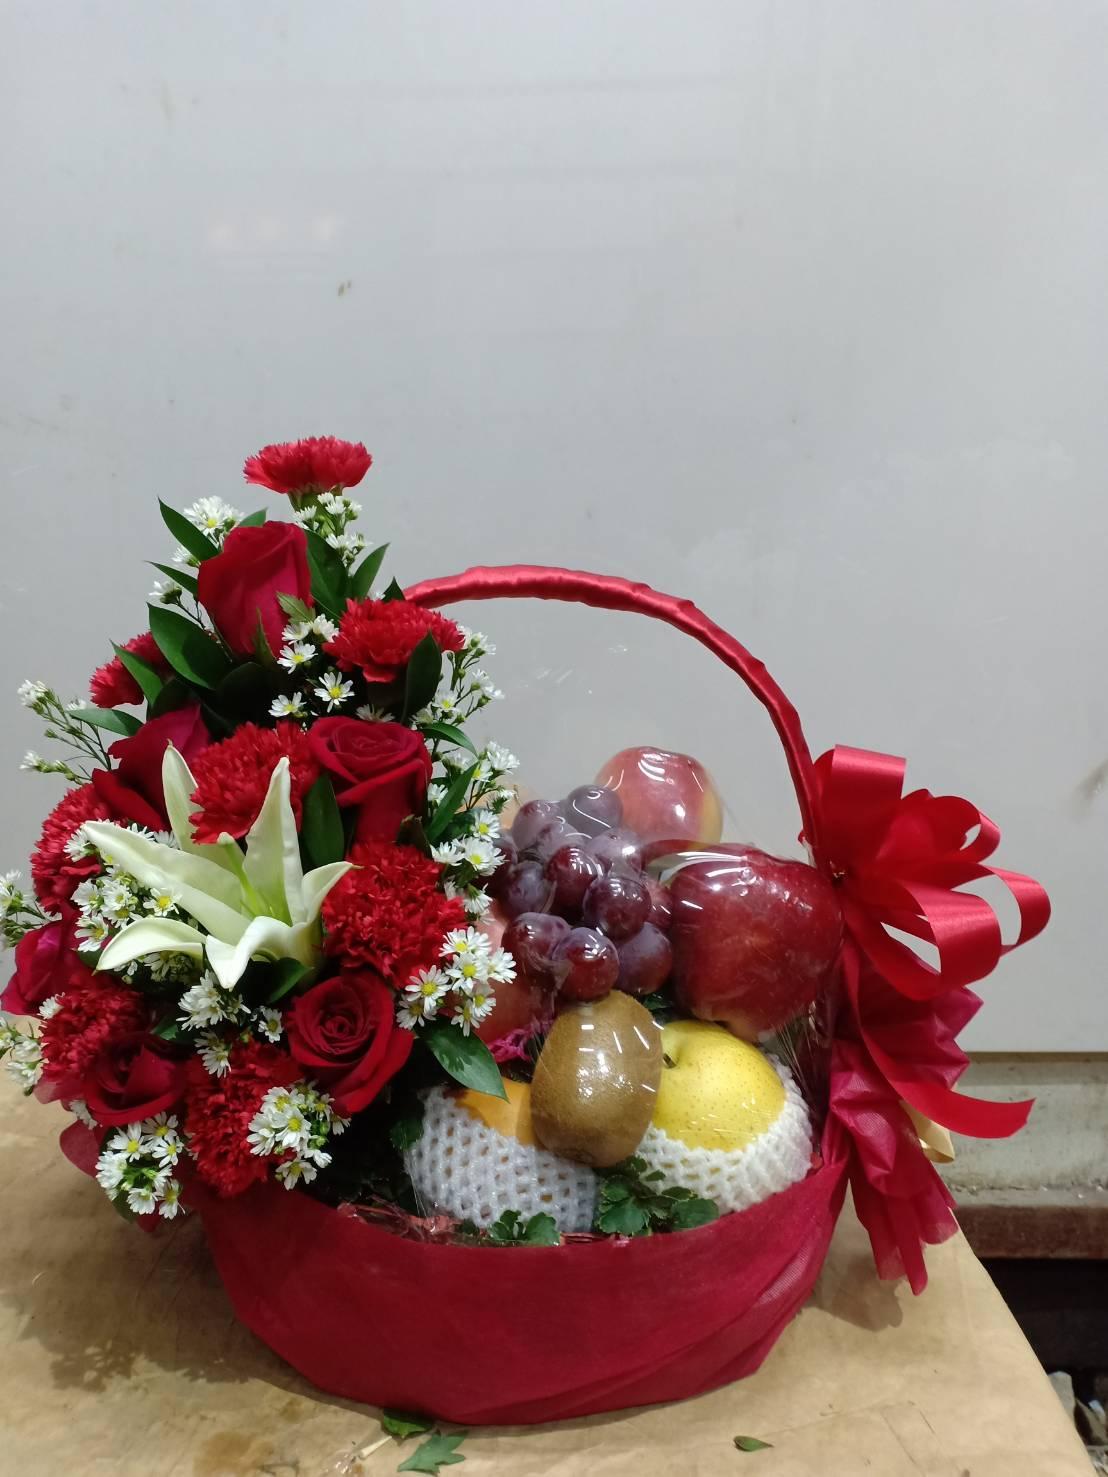 กระเช้าผลไม้ประกอบไปด้วยผลไม้สดตามฤดูกาล โดดเด่นสะดุดตาด้วยดอกกุหลาบและดอกเบญจมาศสีแดง